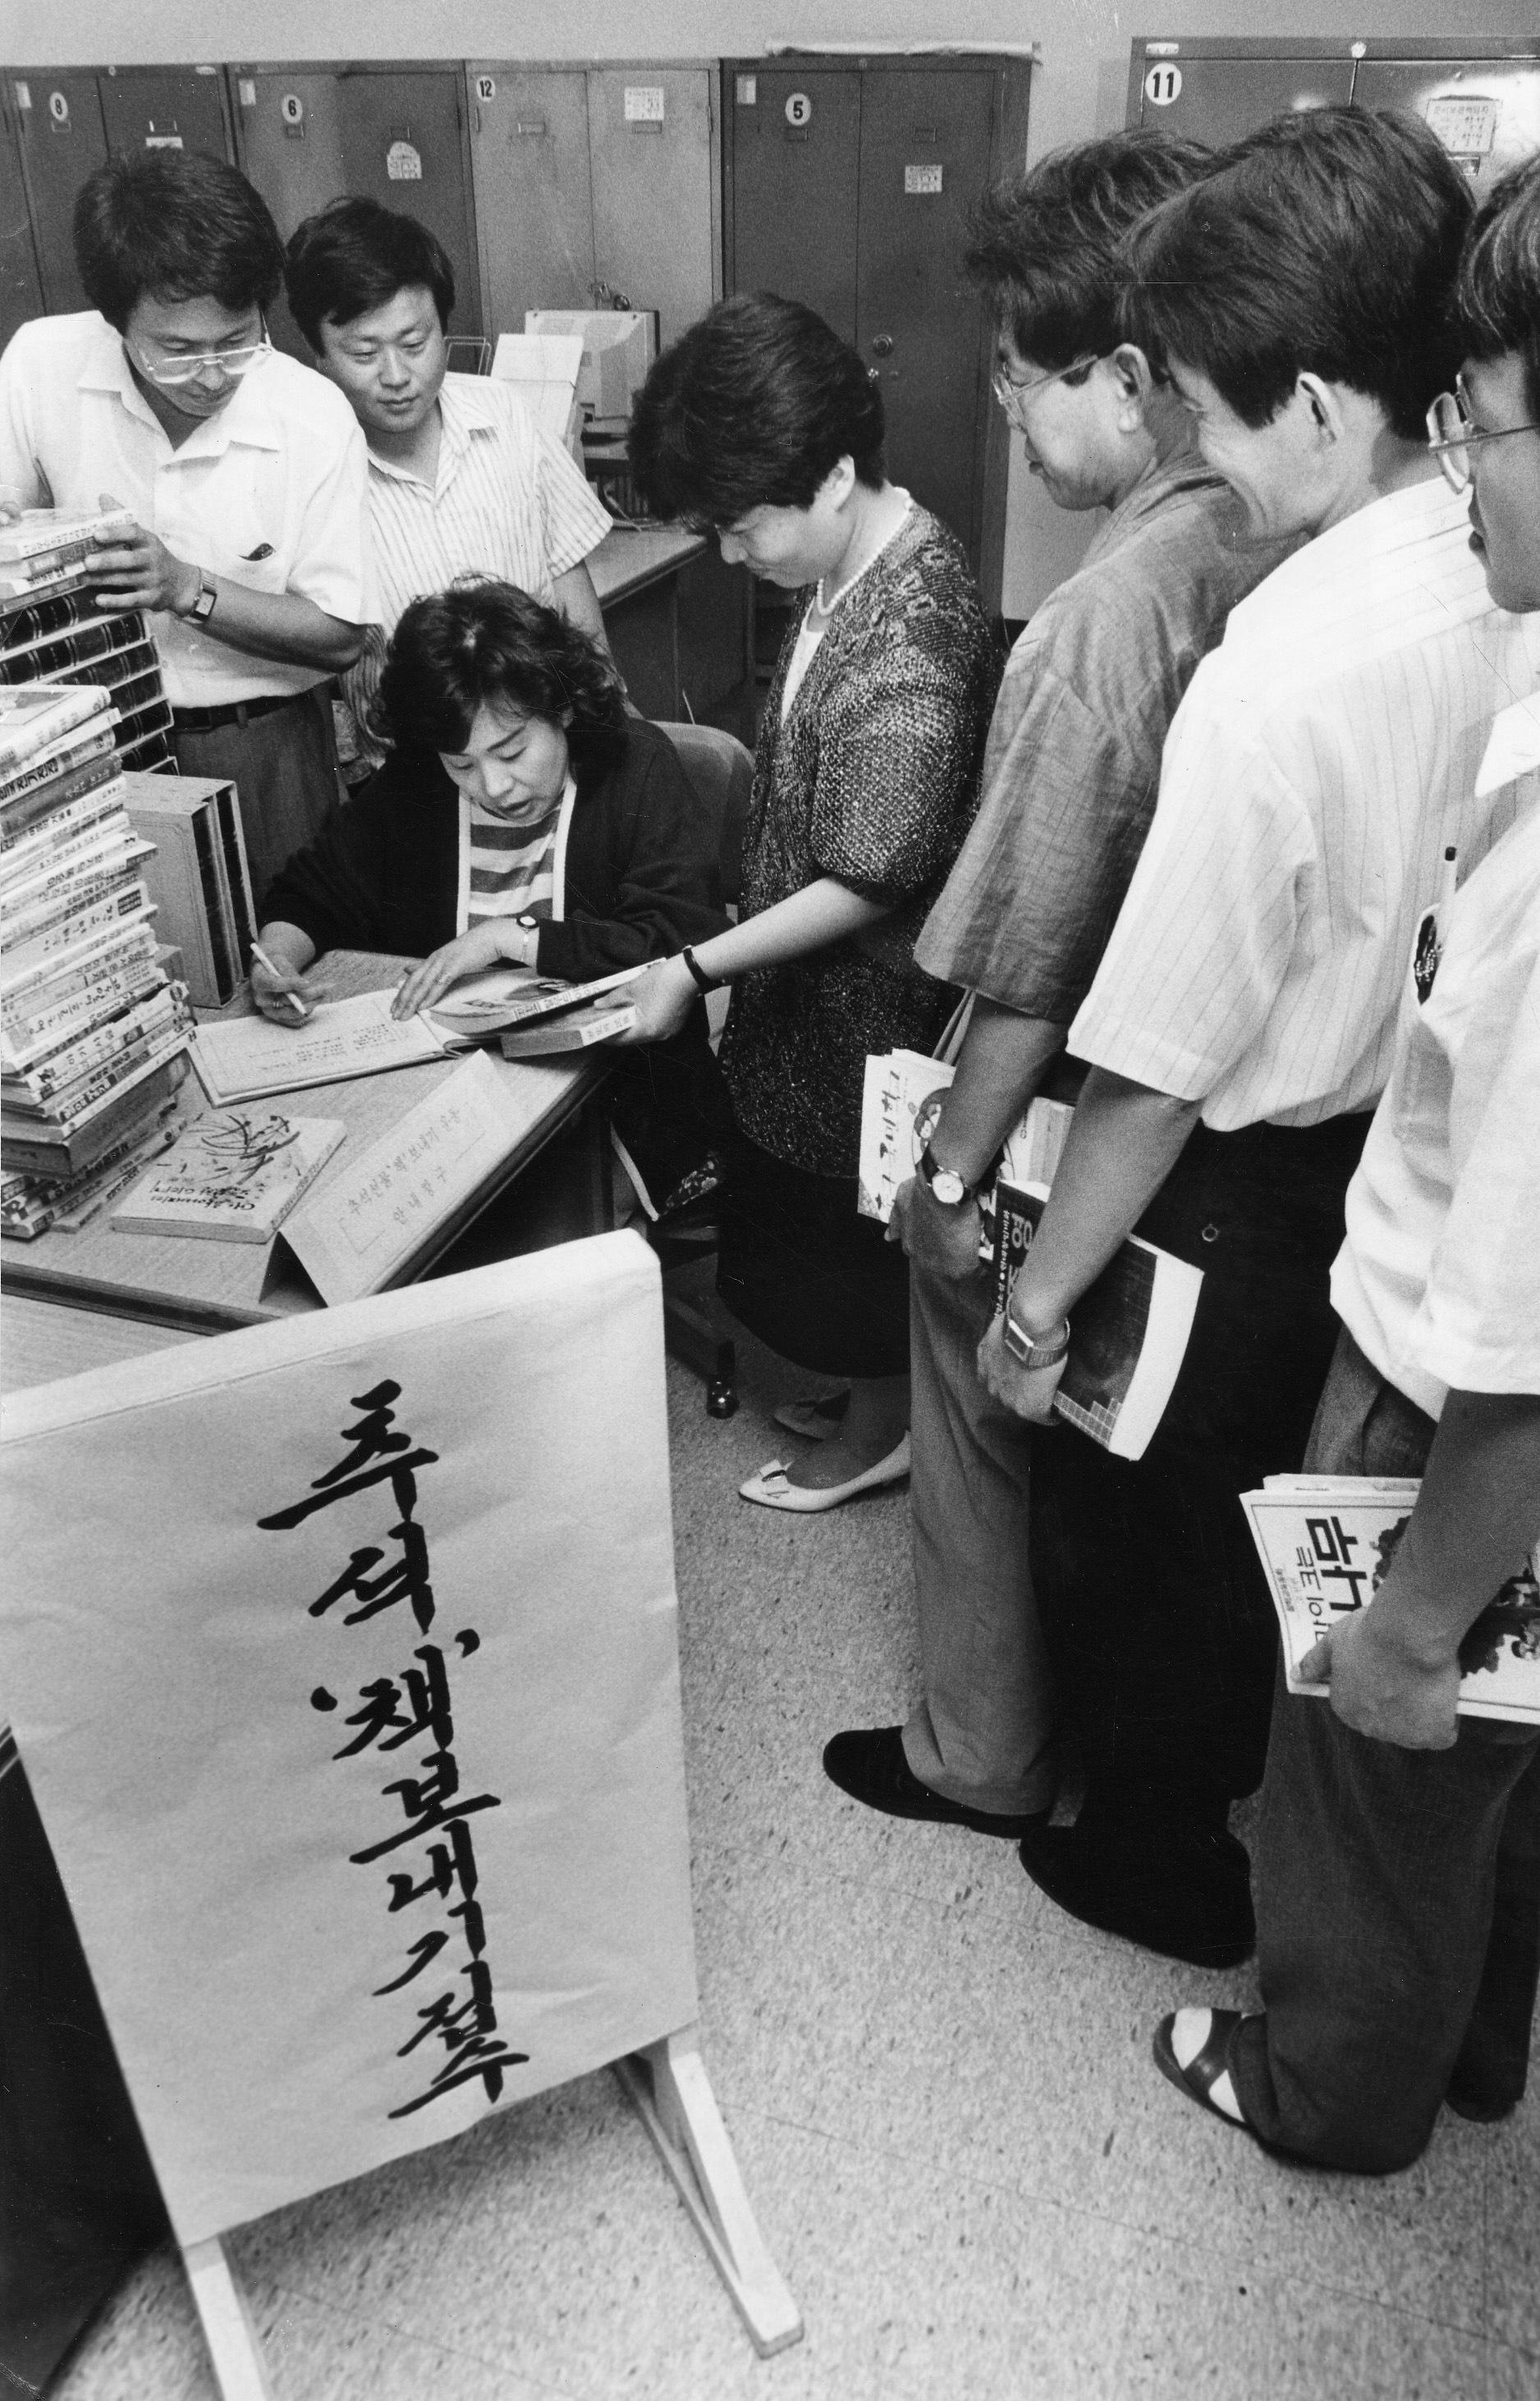 1991년 추석(9월22일)을 앞둔 9월3일 서울 은평구에서 소년ㆍ소녀가장 등 불우이웃들을 위한 책보내기운동에 동참한 시민들. 당시엔 책 살 돈이 없는 이웃들이 많았다.[중앙포토]